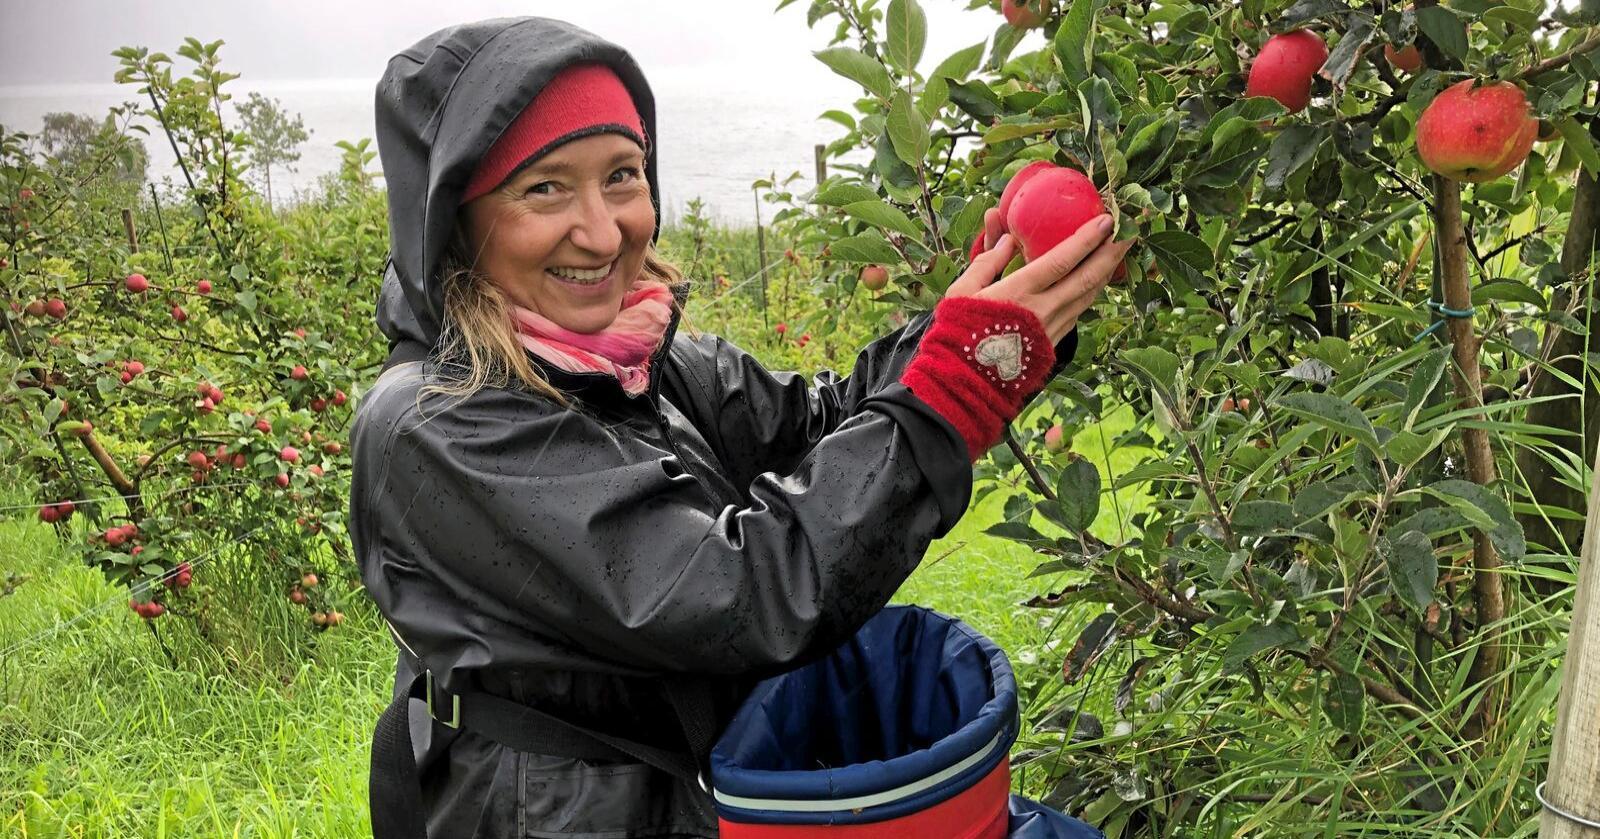 Fruktdyrkar Annhild Oma haustar discovery ein regnfylt dag ved Hardangerfjorden i Hordaland. Oma dyrker eple og plommer på begge sider av fjorden, vel 80 dekar totalt – 4500 epletre og 4200 plommetre. Foto: Kjersti Kildahl